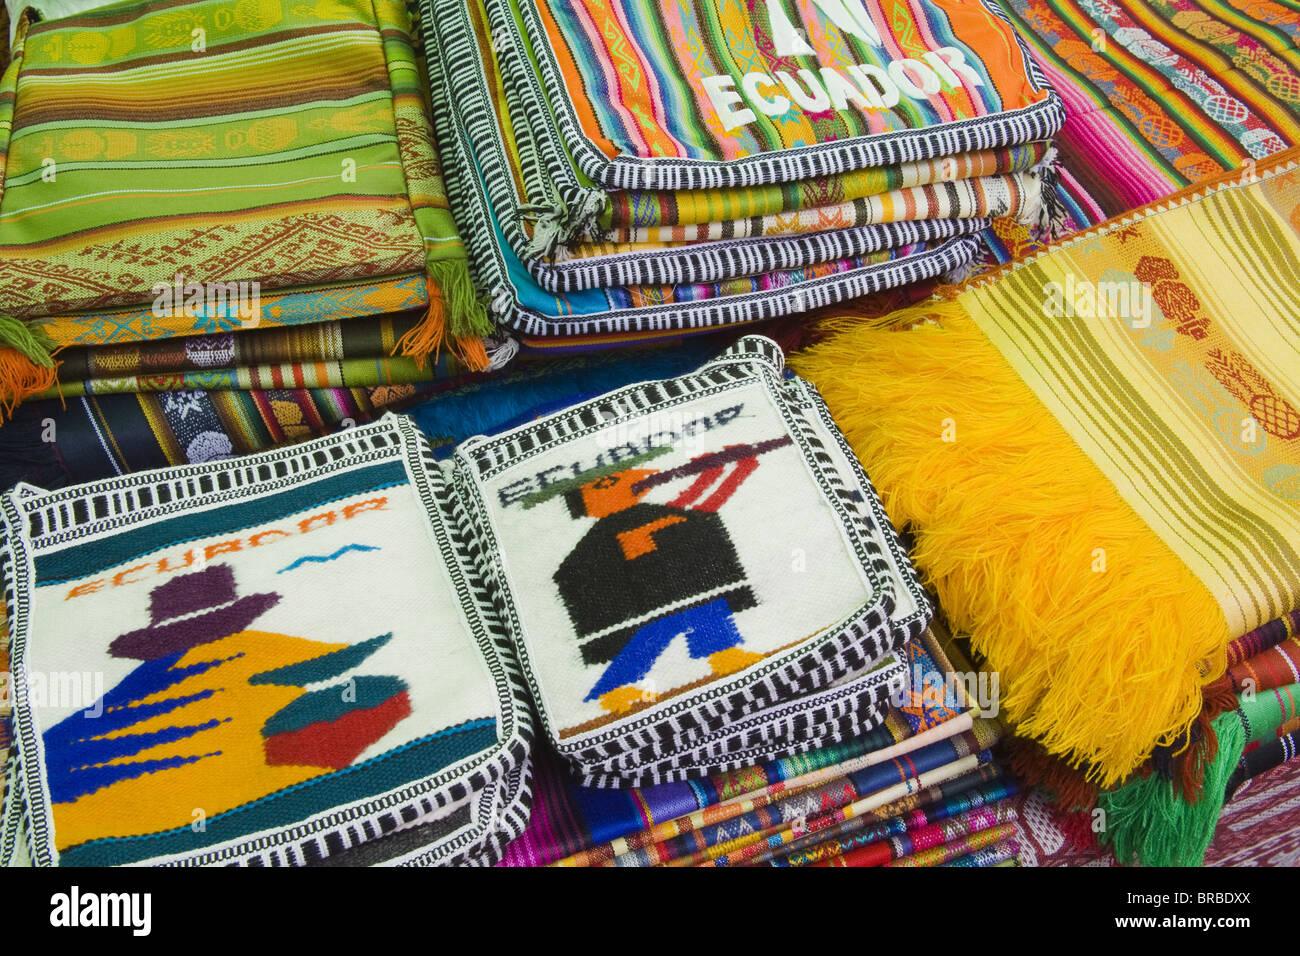 Marché artisanal à Montecristi, ville coloniale Ville de Manta, Equateur Photo Stock